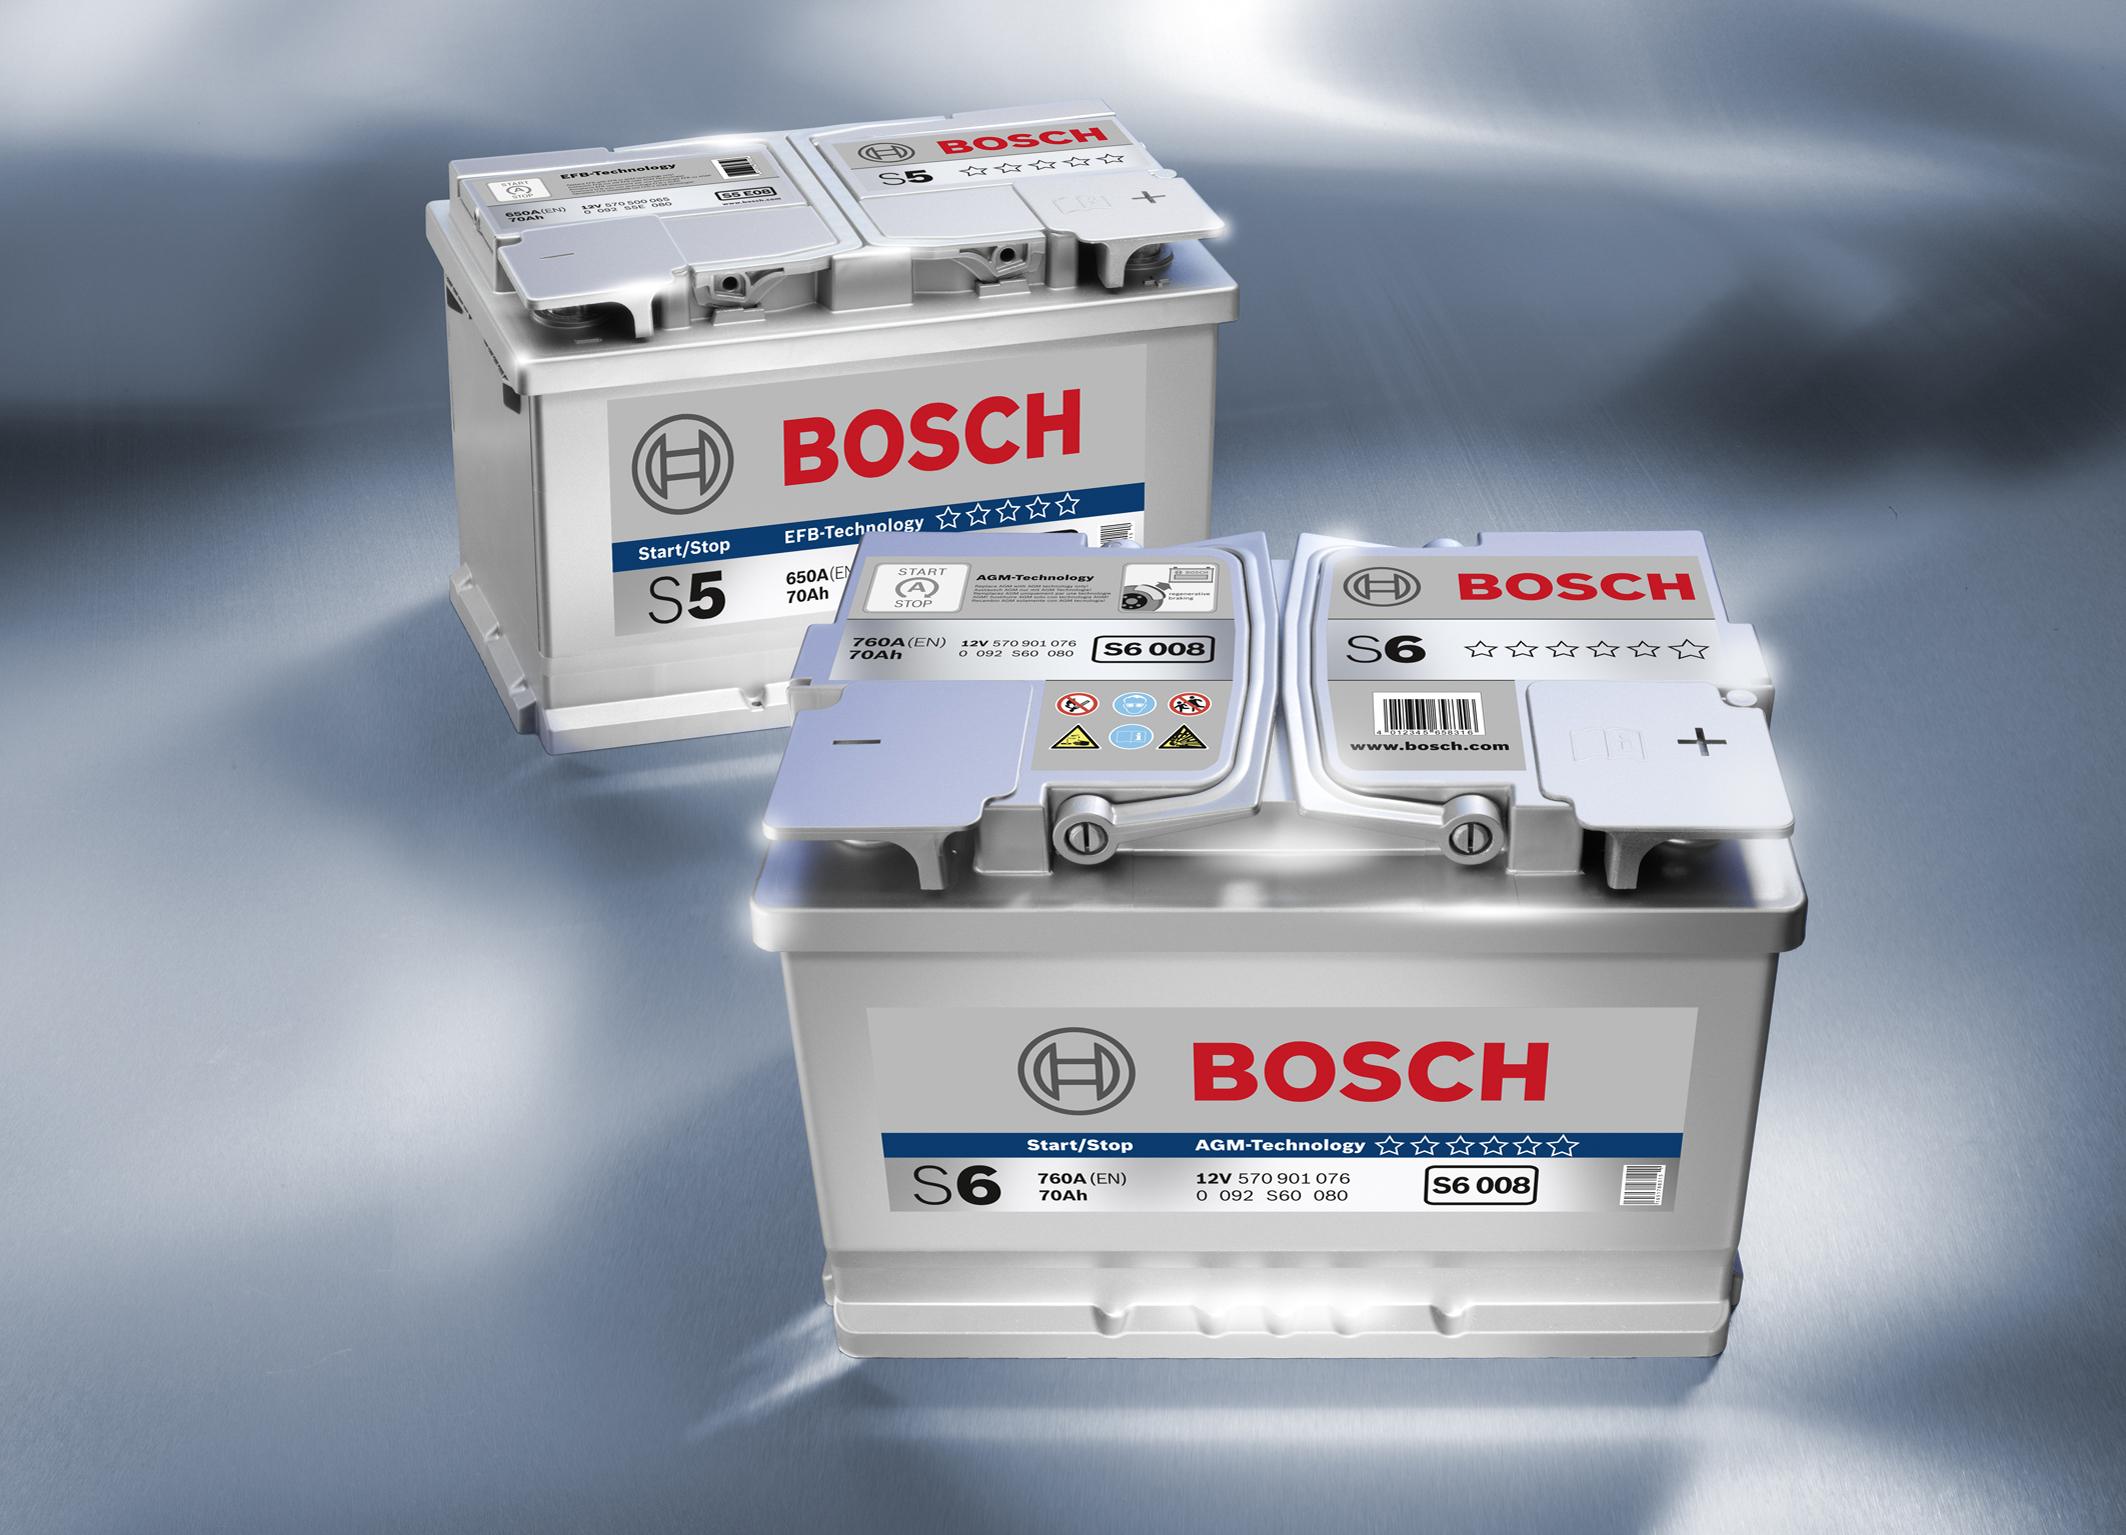 نحوه تشخیص باتری خودرو اصلی و نو,نحوه تشخیص باتری اصلی و نو,فروش باتری اصلی در کرج ,سایت باتری,بزرگترین فروشگاه باتری در کرج,made in korea